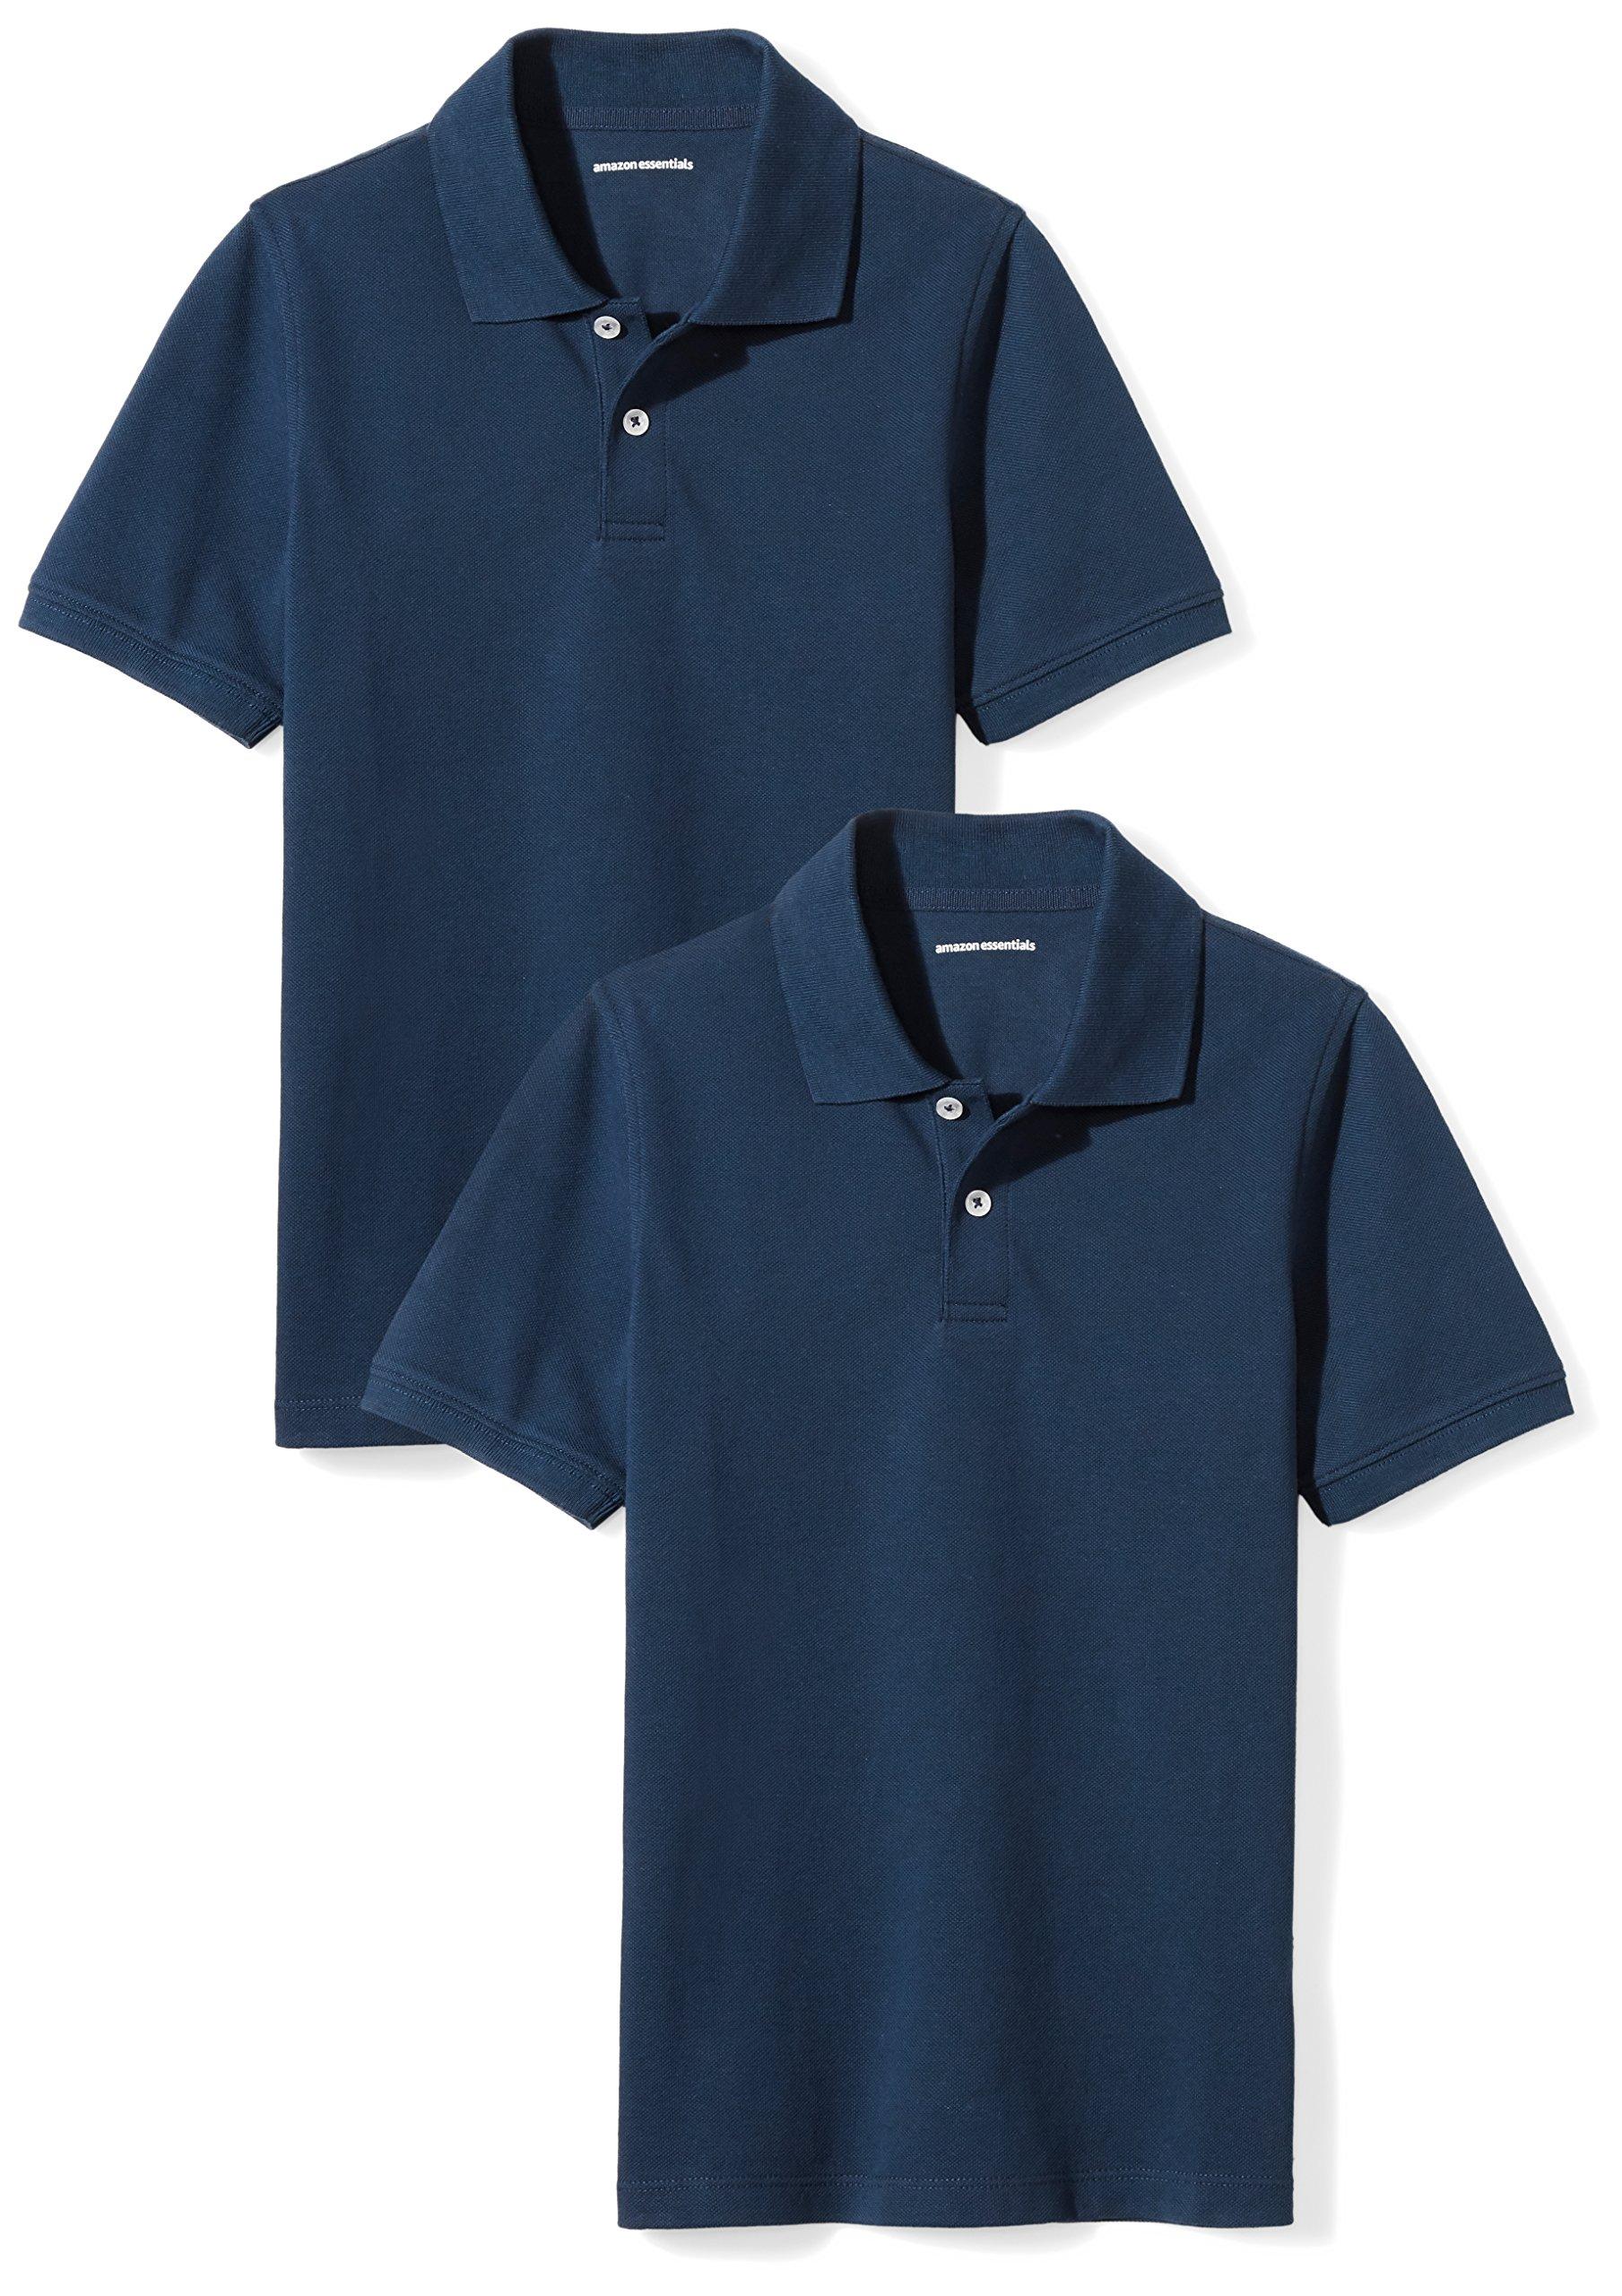 Amazon Essentials Little Boys' Uniform Pique Polo, Navy/Navy, S (6-7) by Amazon Essentials